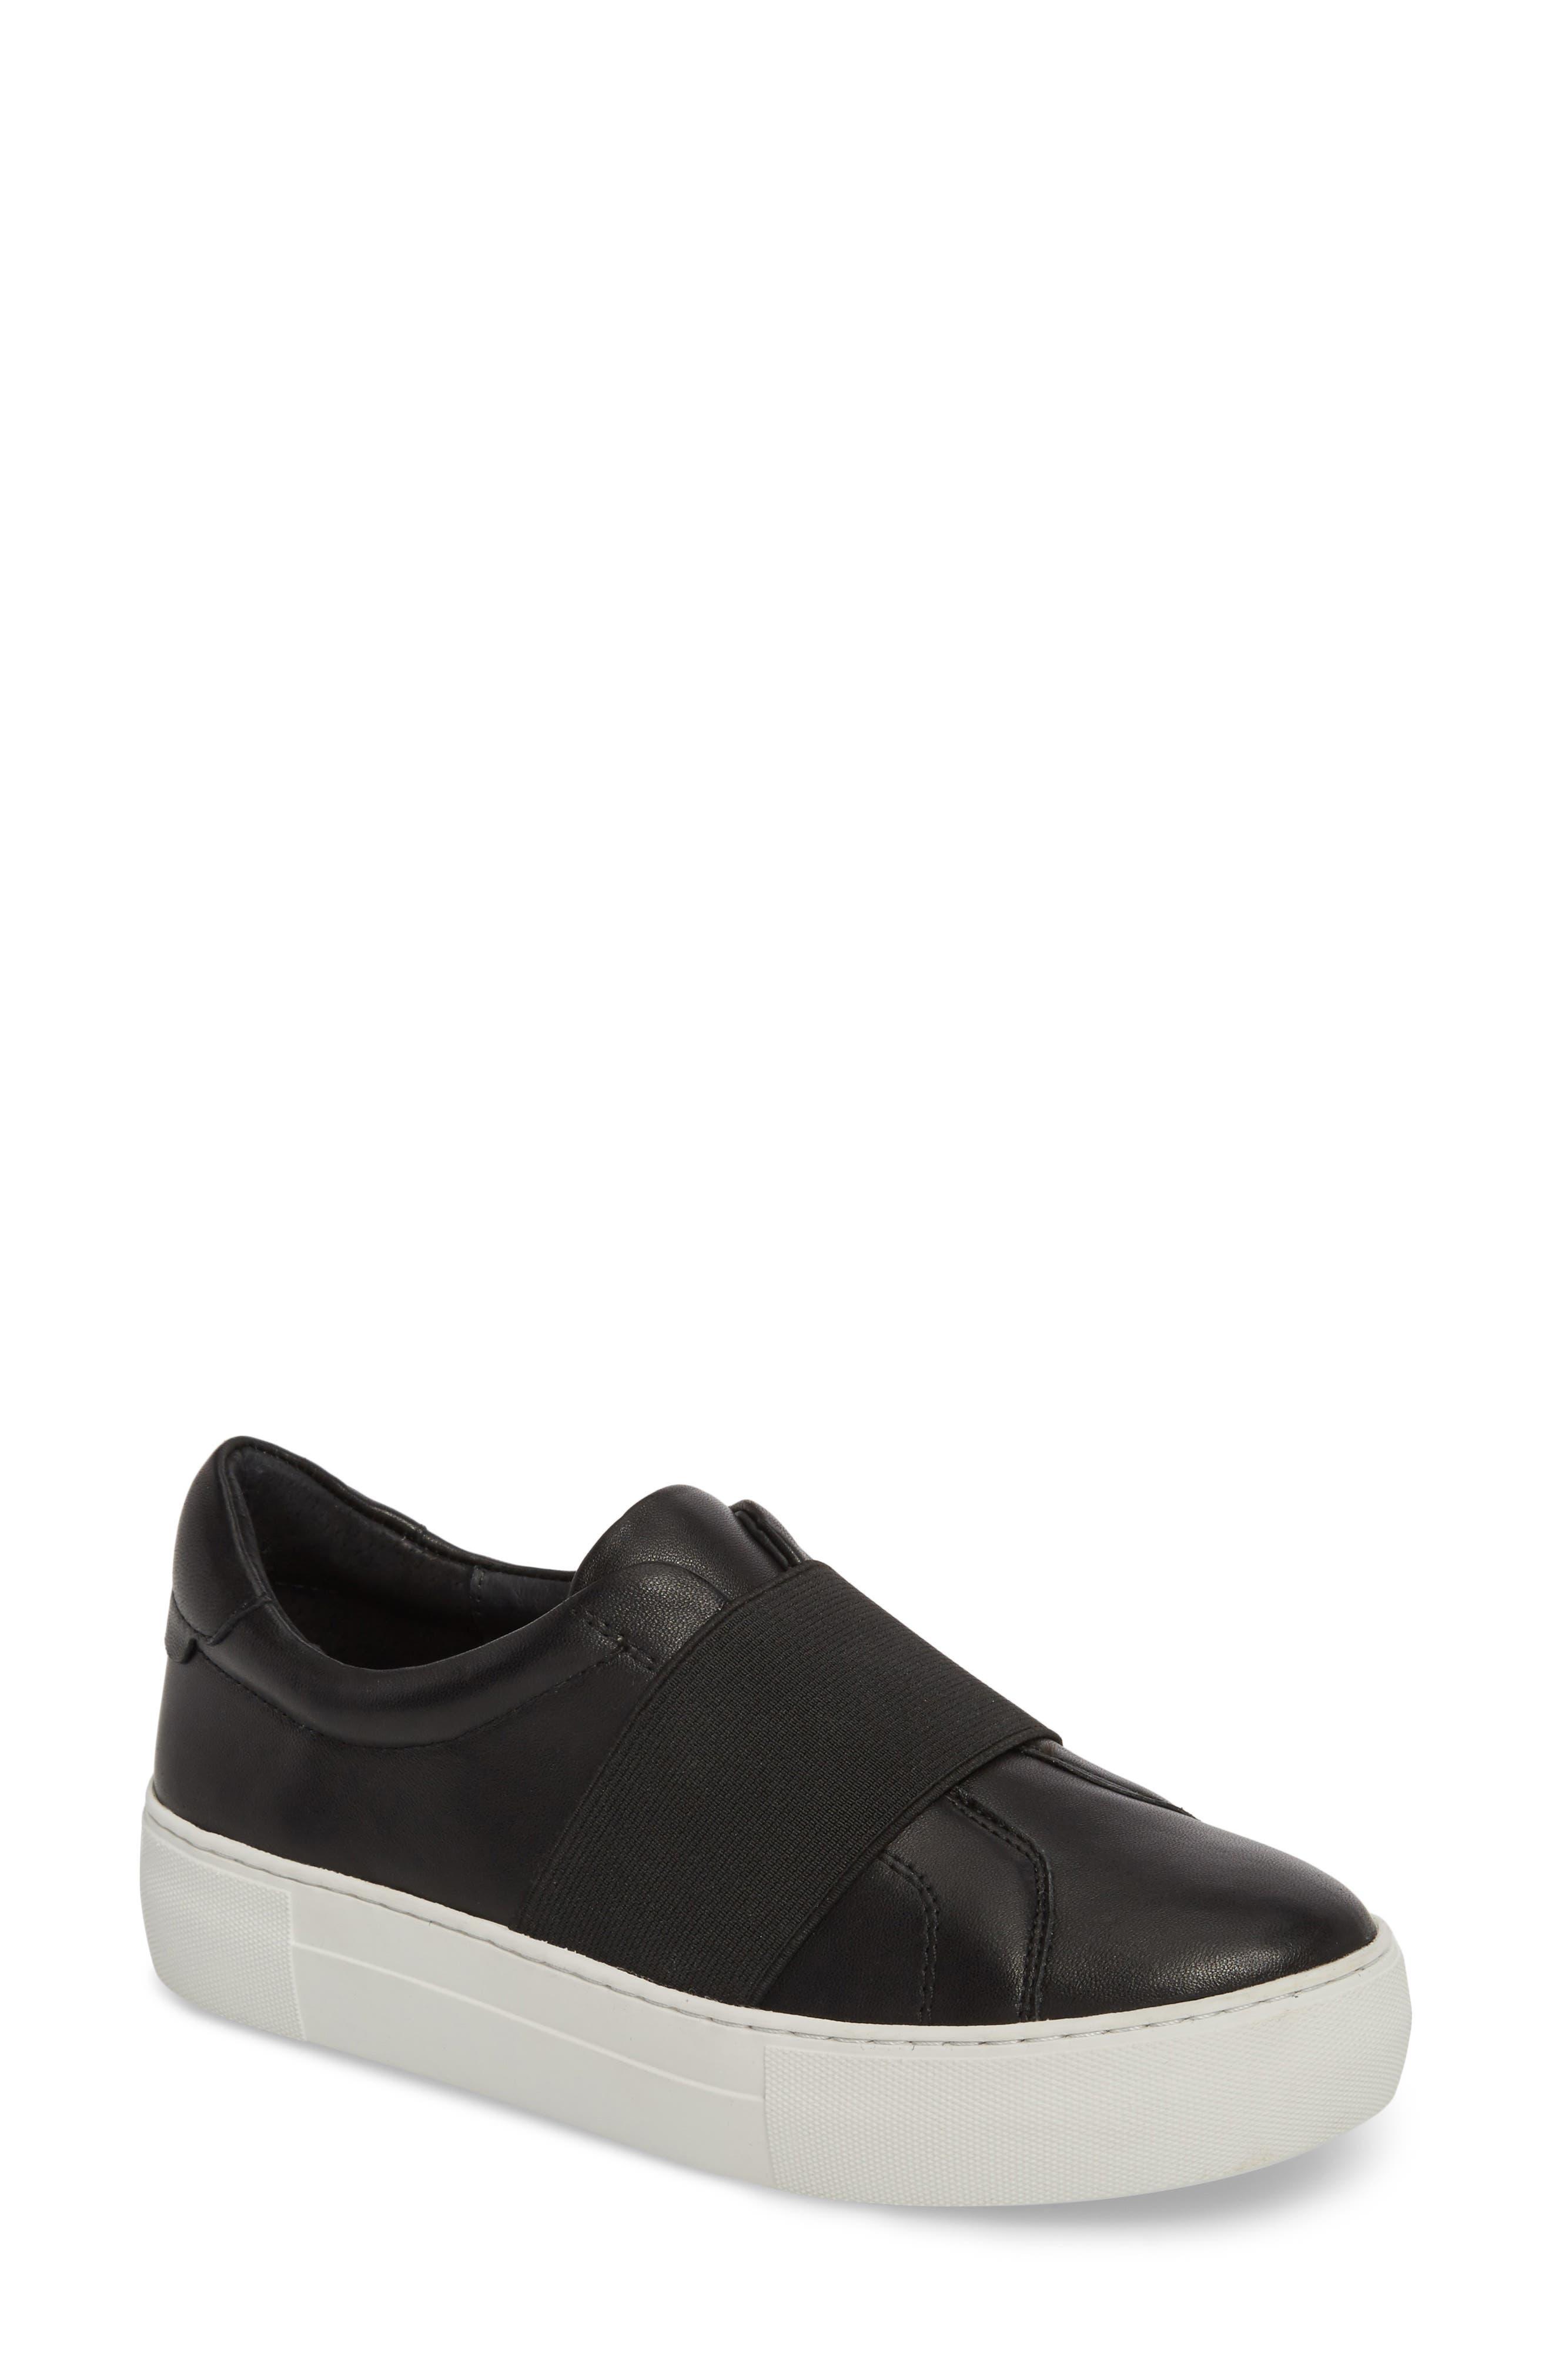 Jslides Adorn Slip-On Sneaker